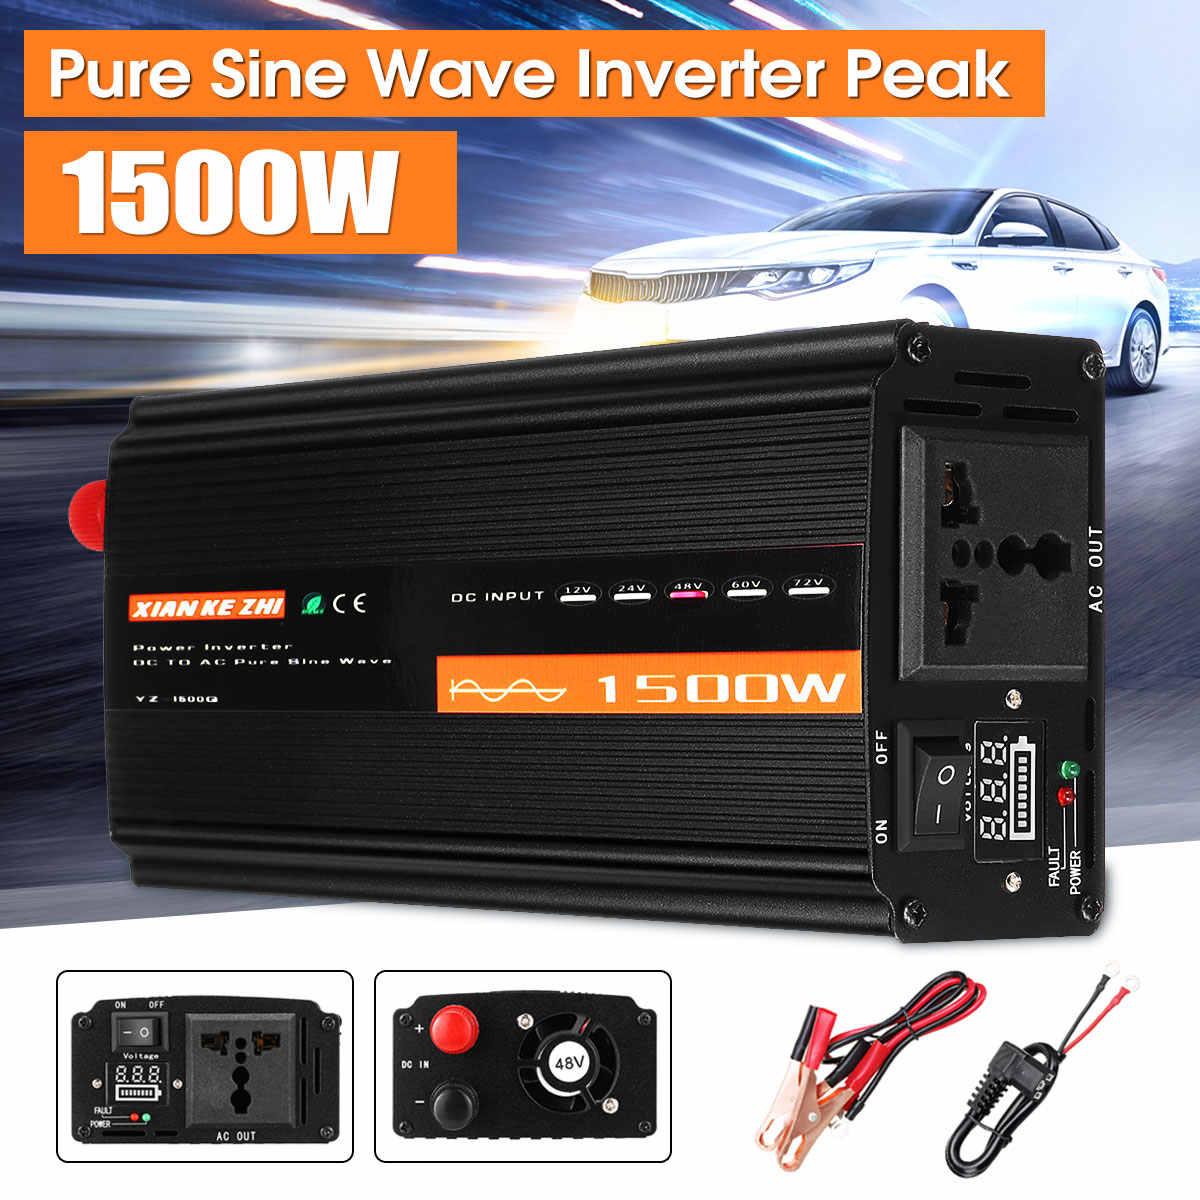 1500W saf sinüs dalga invertör DC12V/24 V/48 V için AC220V 50HZ güç dönüştürücü güçlendirici için araç invertörü ev DIY